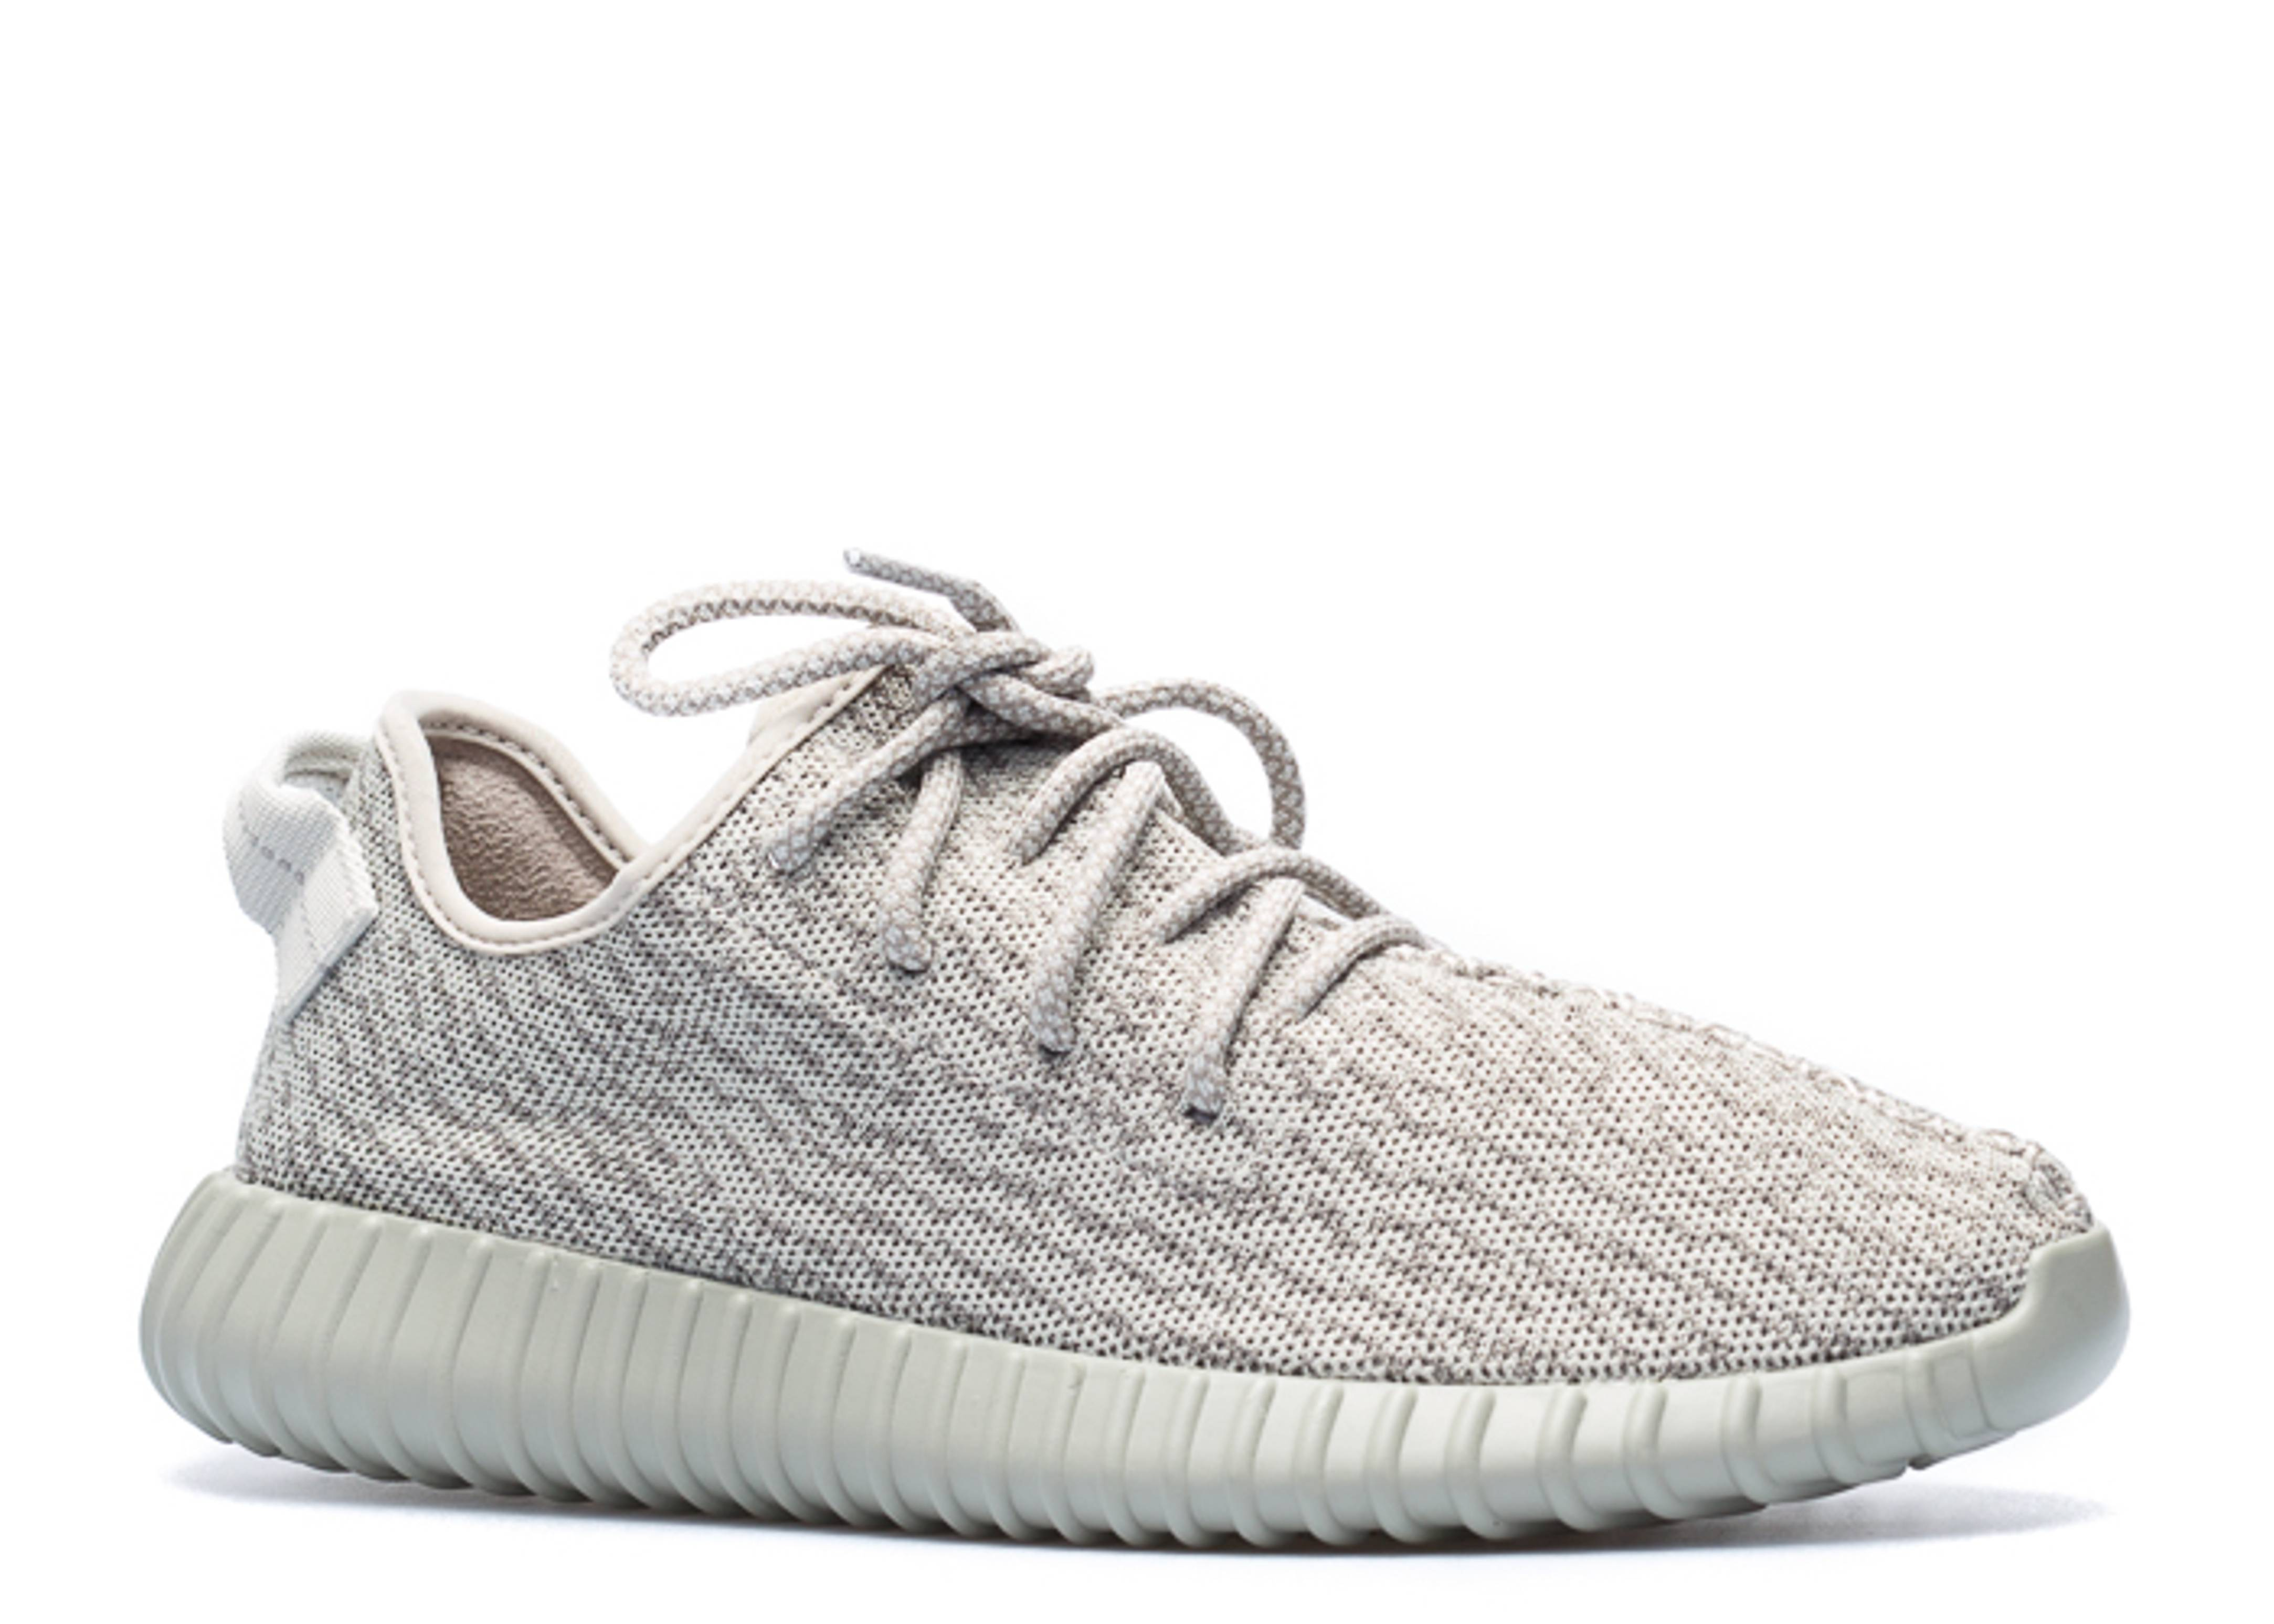 Yeezy 350 Moonrock Adidas